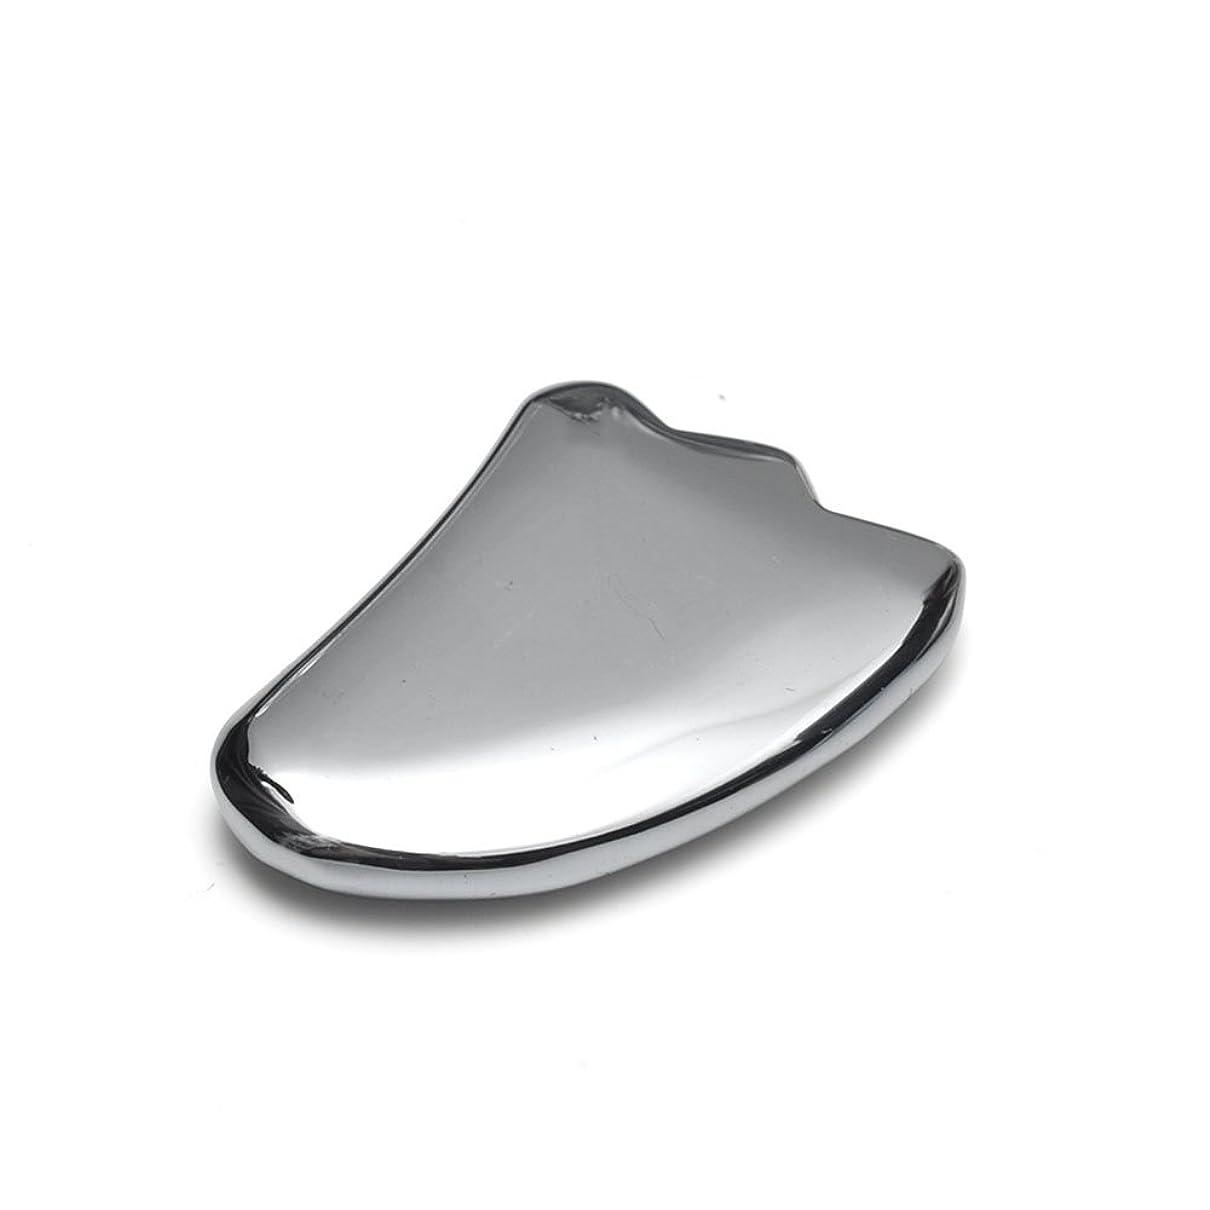 密接に美人いつでも【OVER-9】 テラヘルツ鉱石 かっさ プレート 羽根型 40mm 美顔器 美容 フェイス 原石 超遠赤外線 健康 カッサ マッサージ